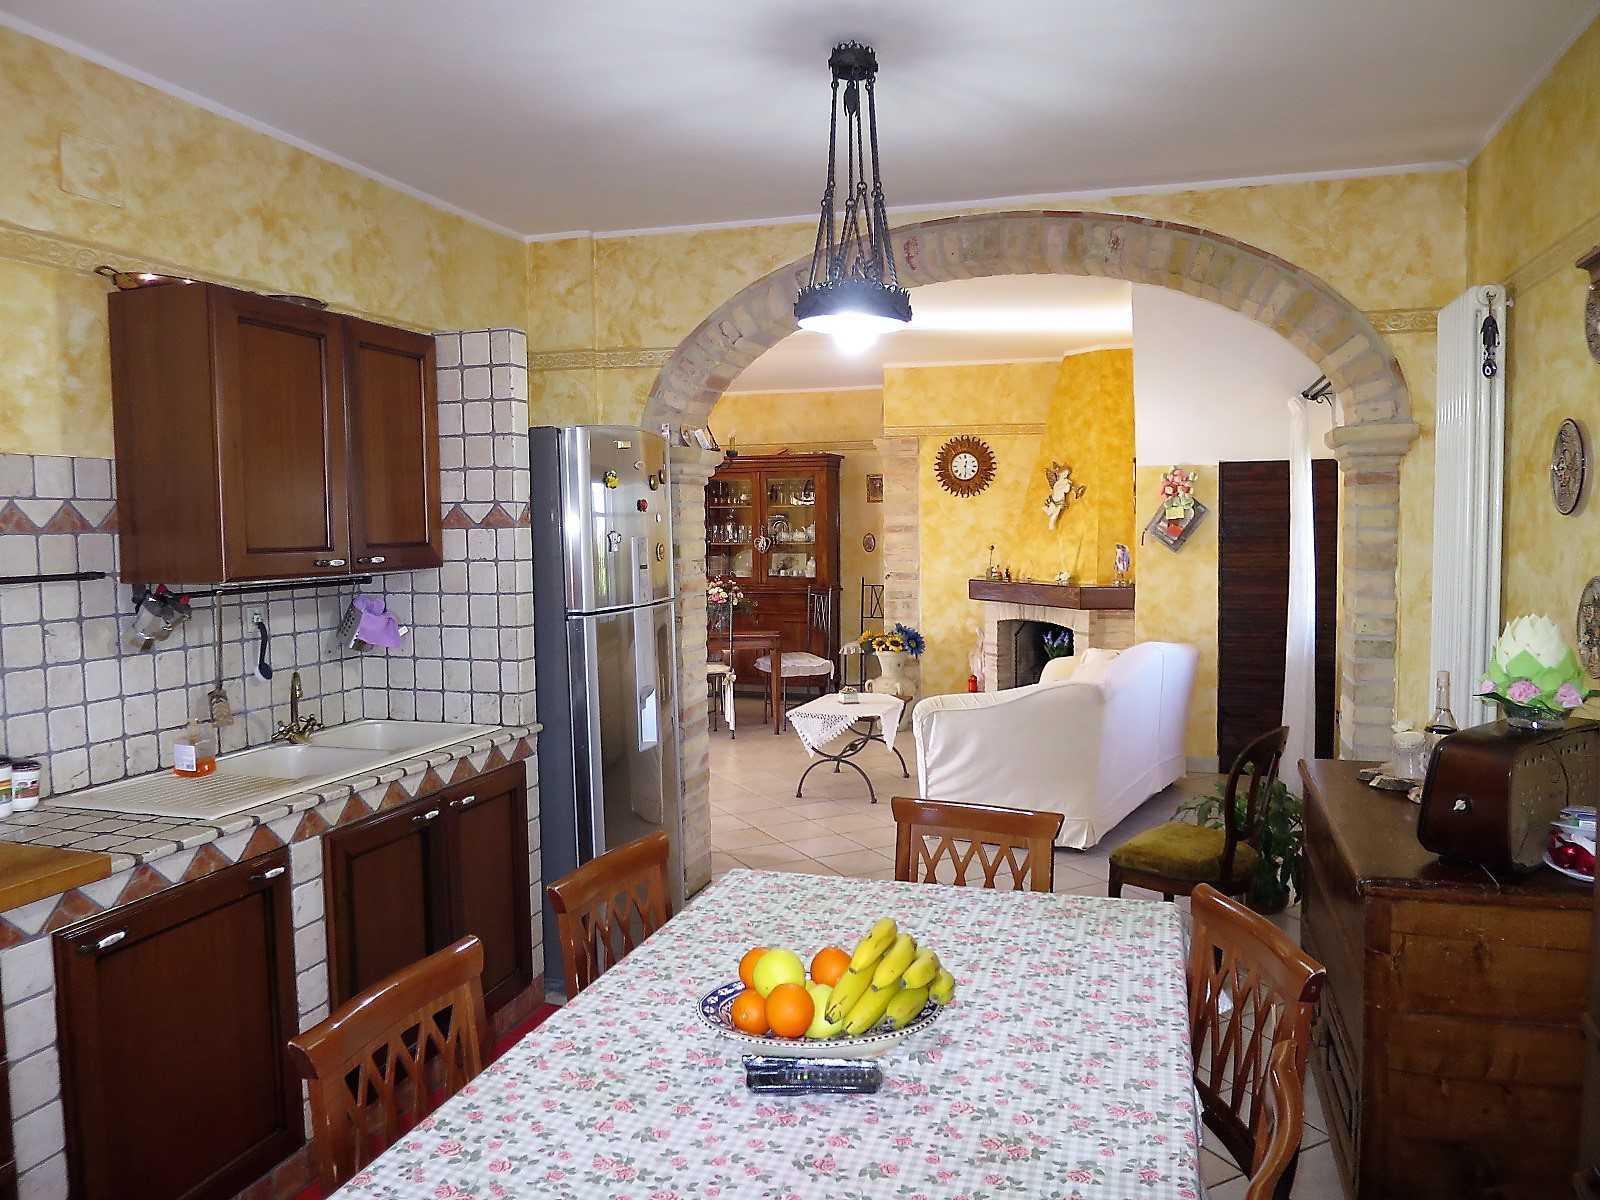 Villa Villa in vendita Notaresco (TE), Villa Vigneto - Notaresco - EUR 382.044 360